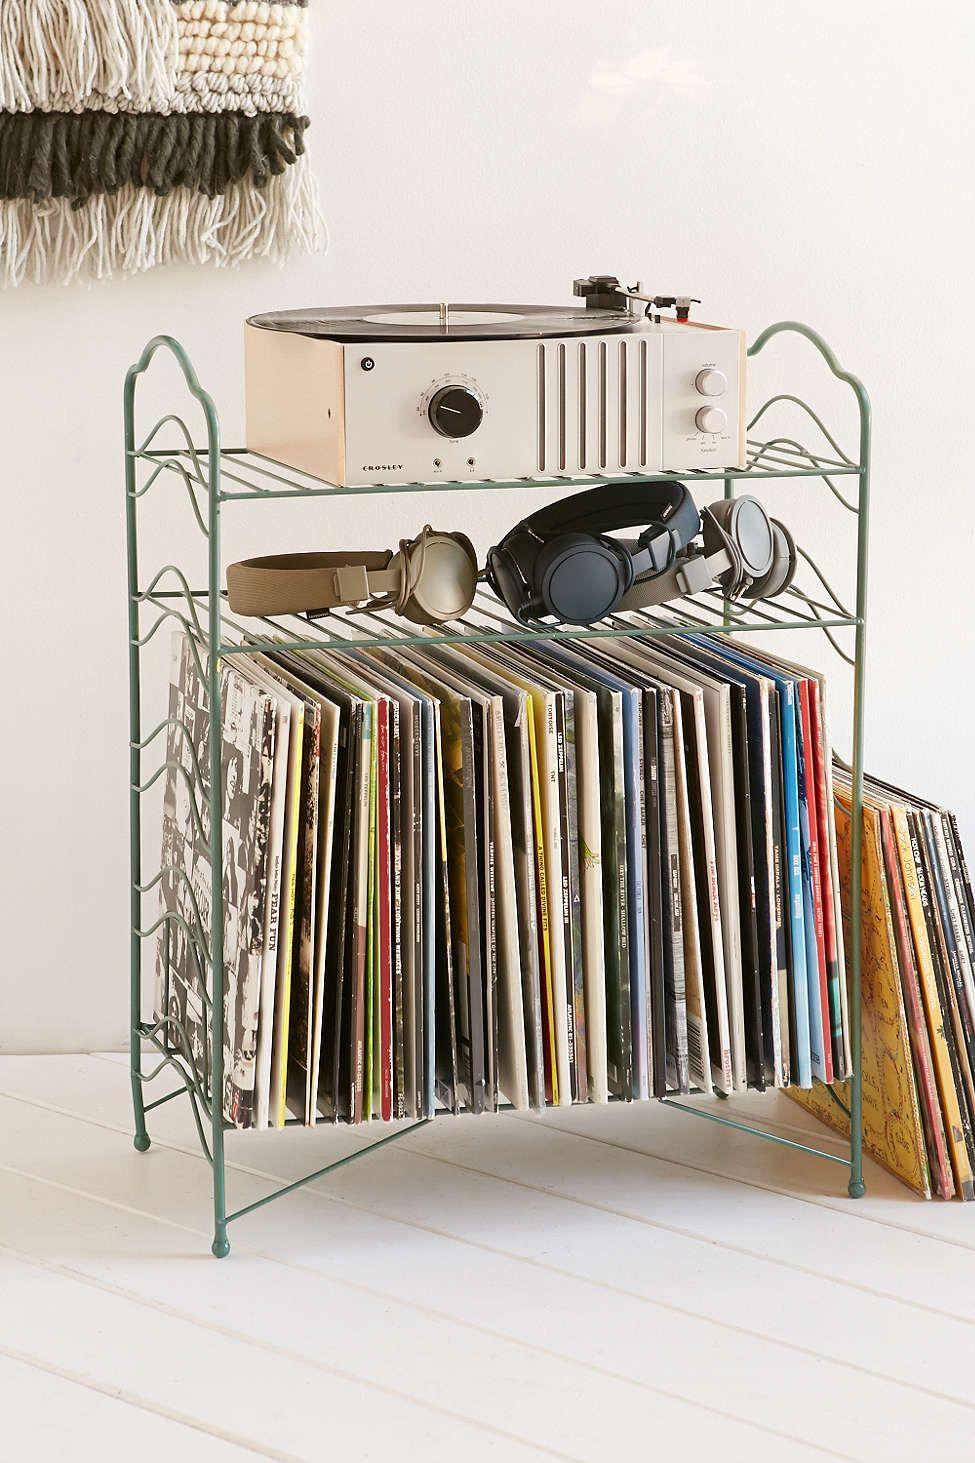 Vinyl Record Storage Shelf Vinyl Record Storage Vinyl Record Storage Shelf Record Storage